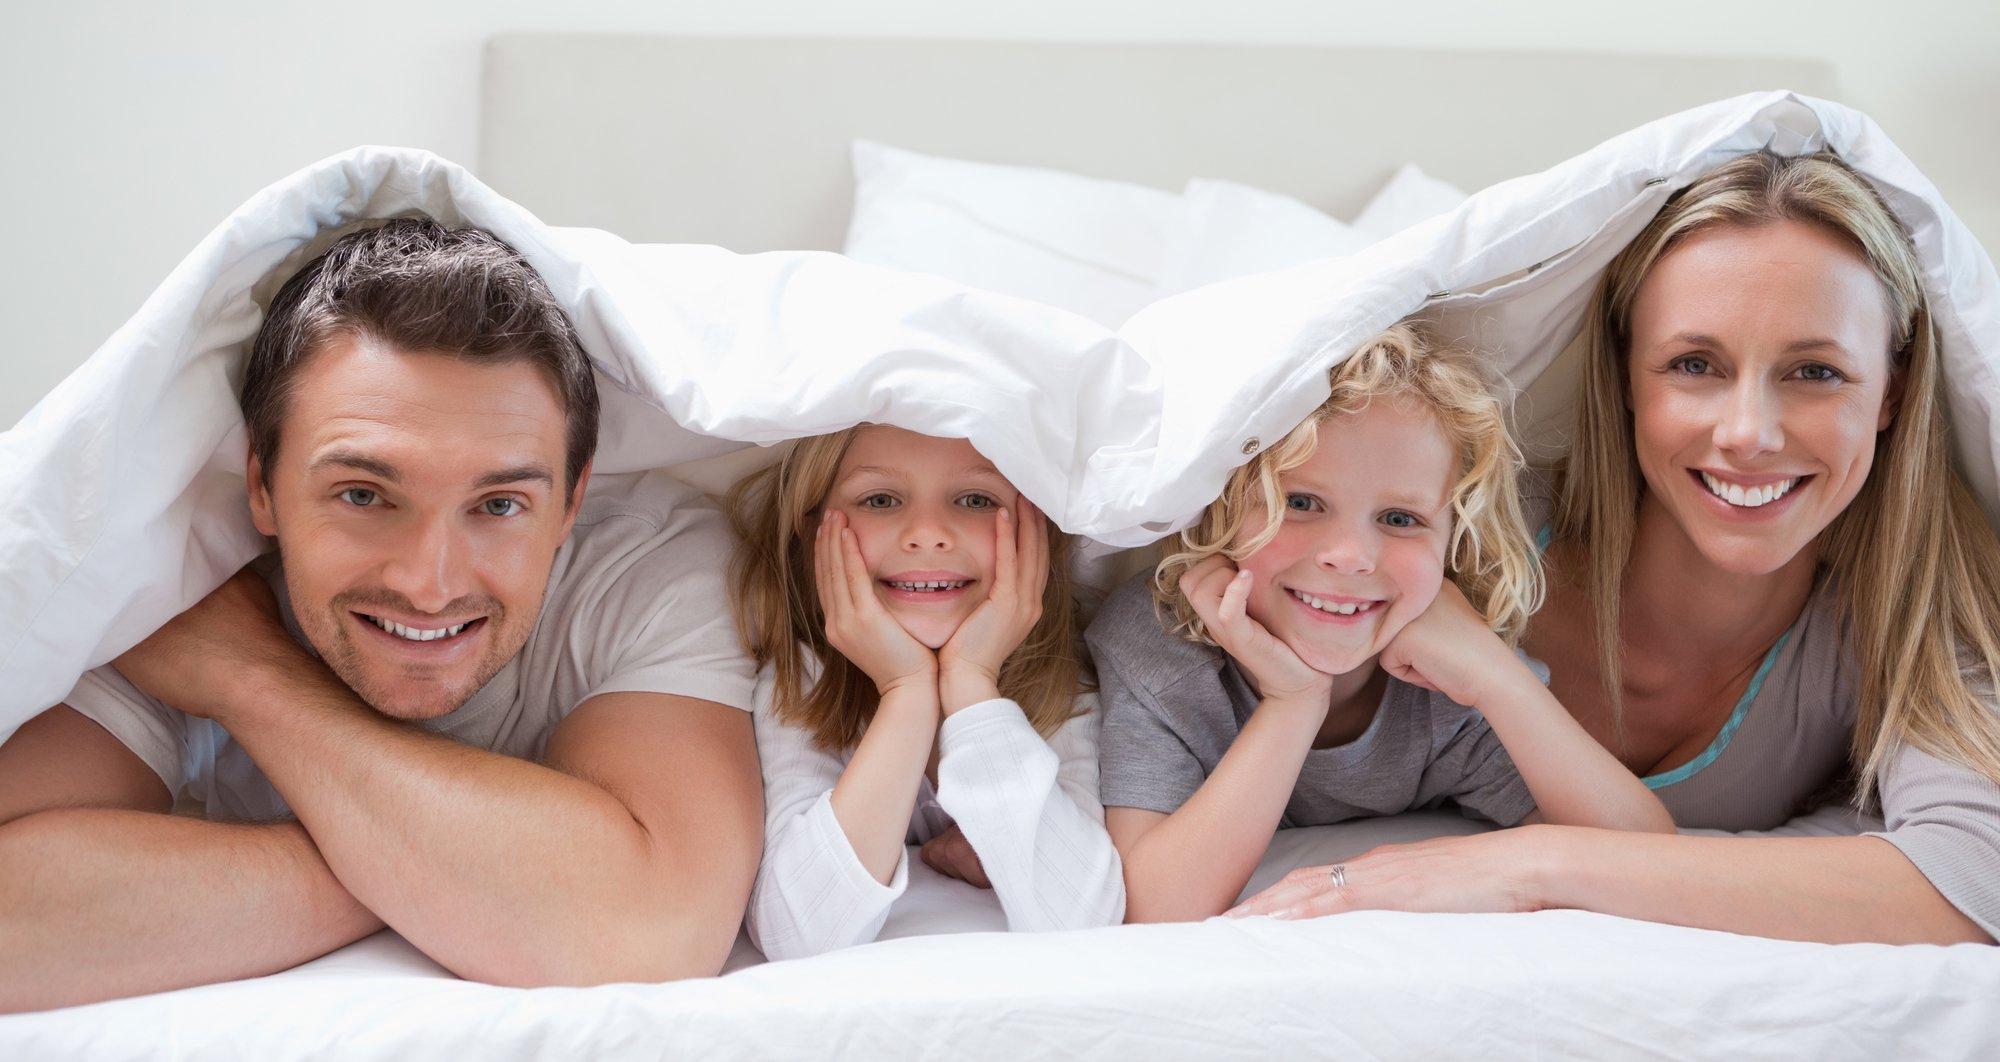 depositphotos 11211723 l 2015.jpg?resize=1200,630 - Ce lit de taille gigantesque est parfait pour accueillir toute la famille... ou une équipe de foot!